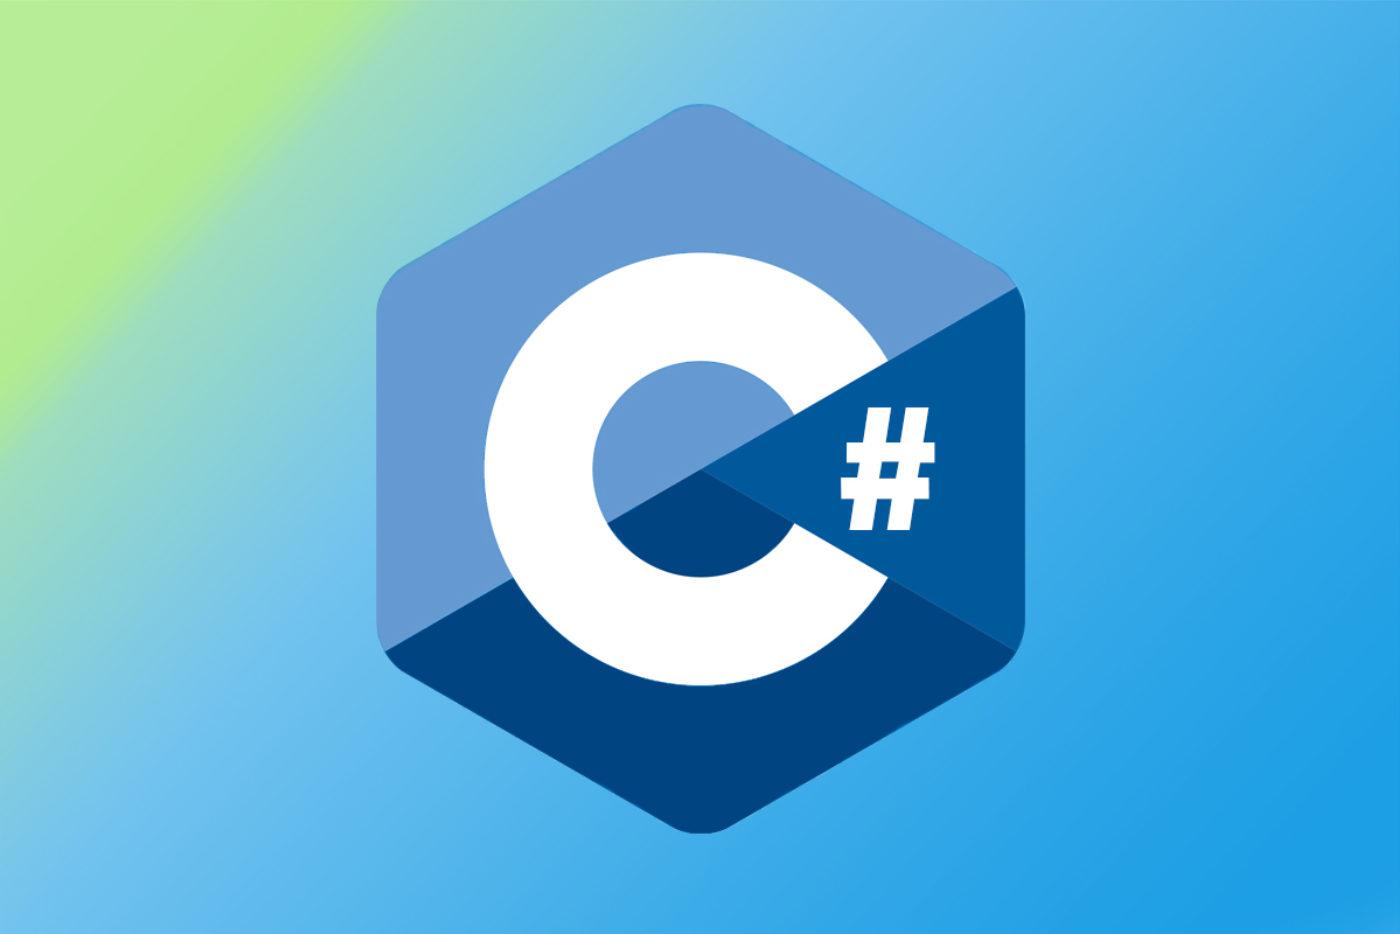 Вебинары: Что такое методы? Применение методов в C#